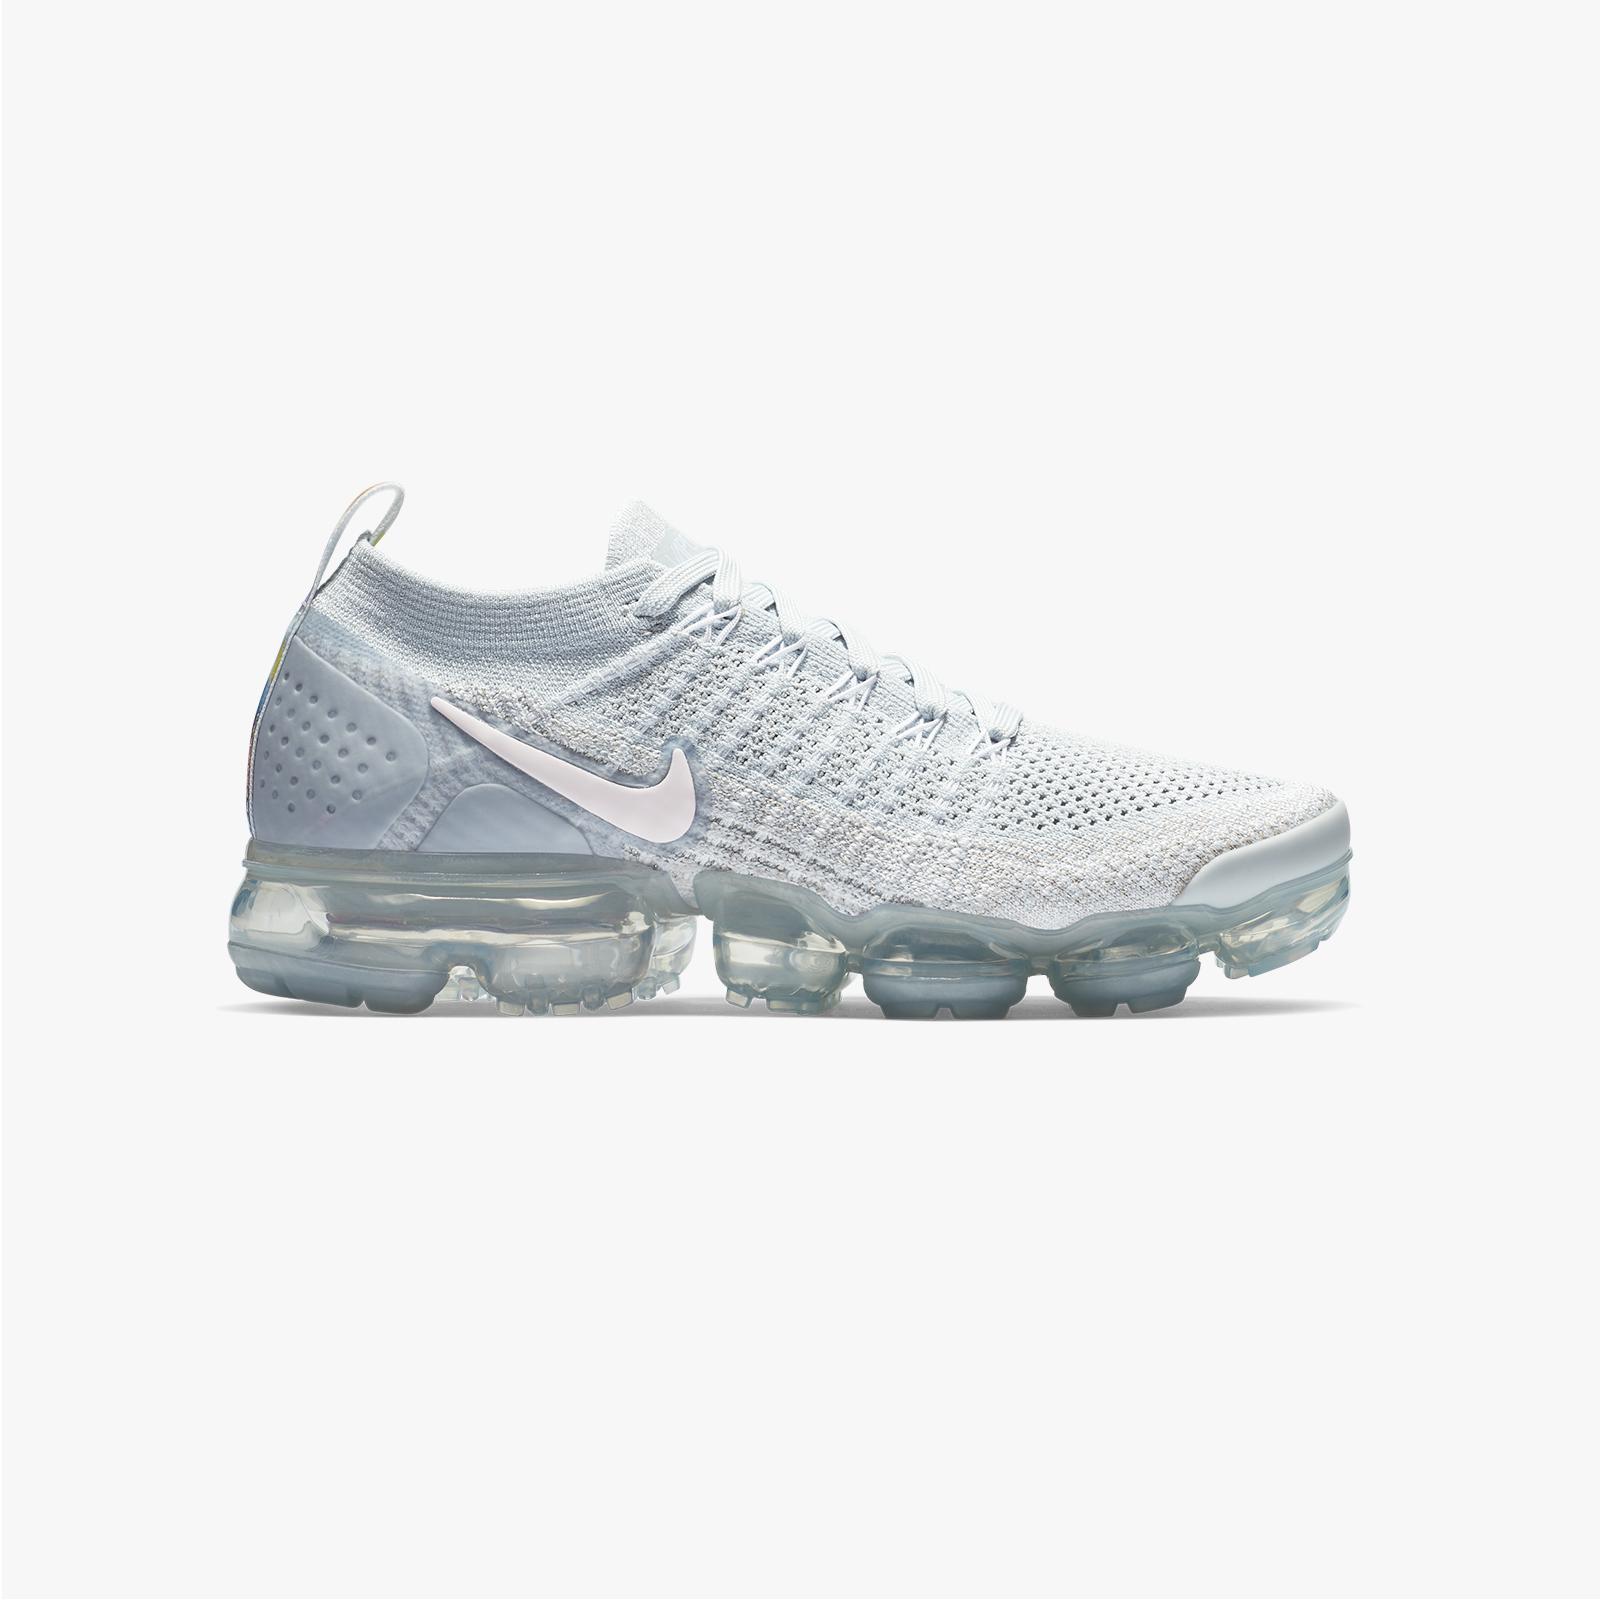 8134155c3d3 Nike Wmns Air Vapormax Flyknit 2 - 942843-011 - Sneakersnstuff ...